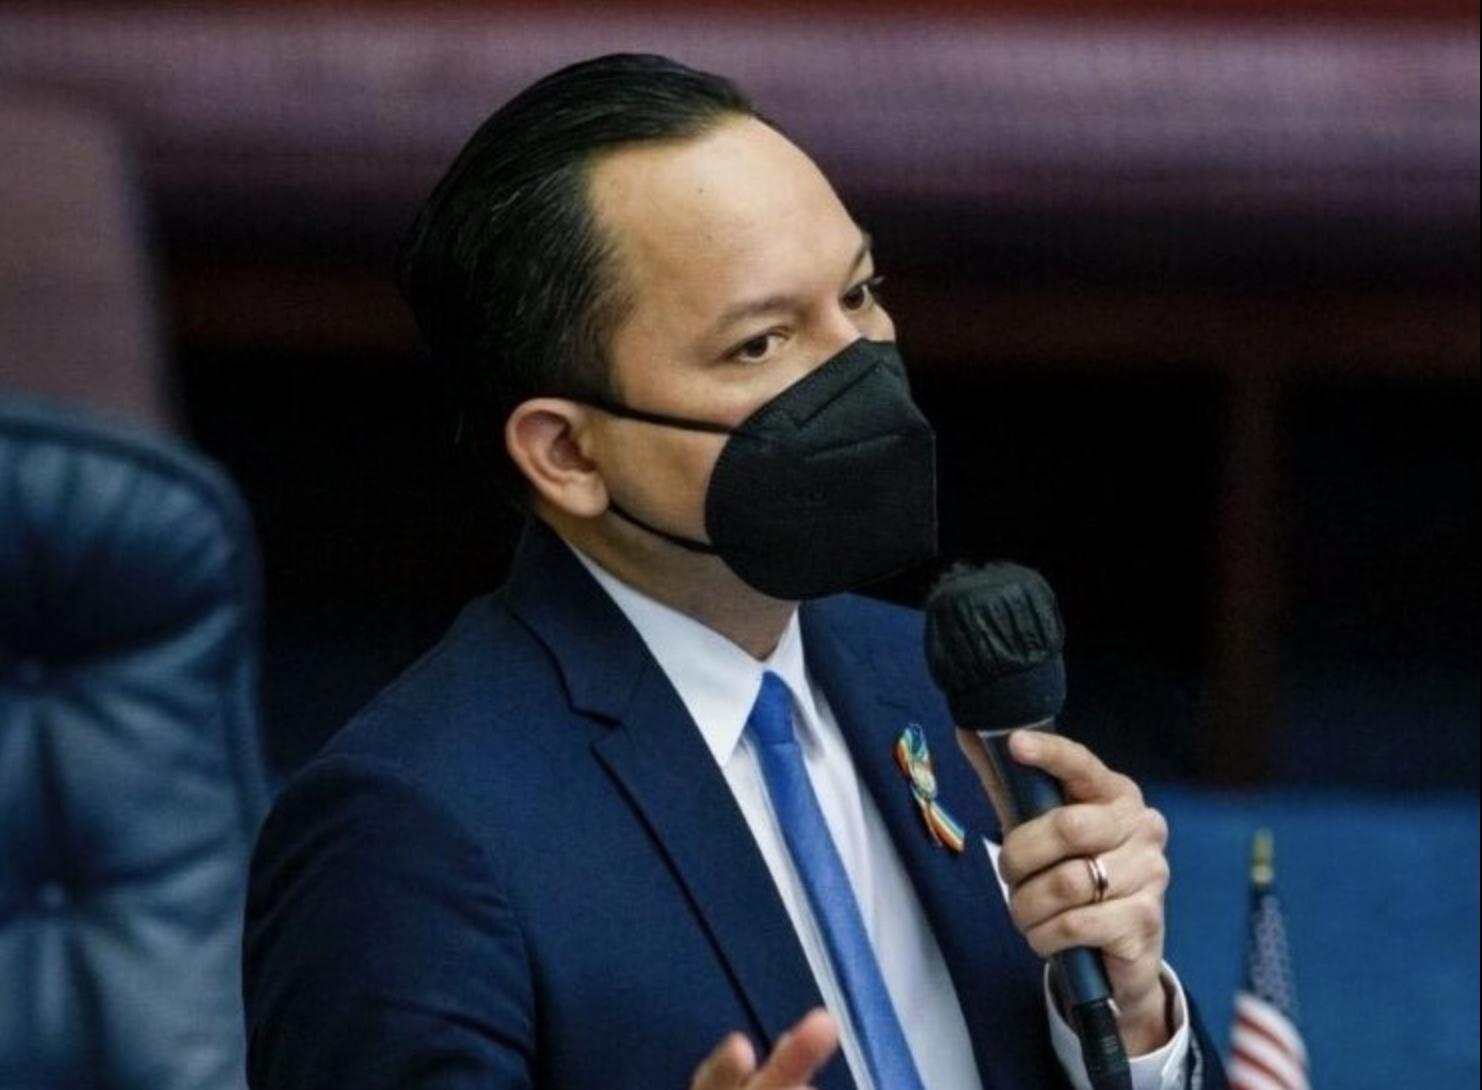 Florida Legislator 'DENIED' Confidential Pediatric Records Request